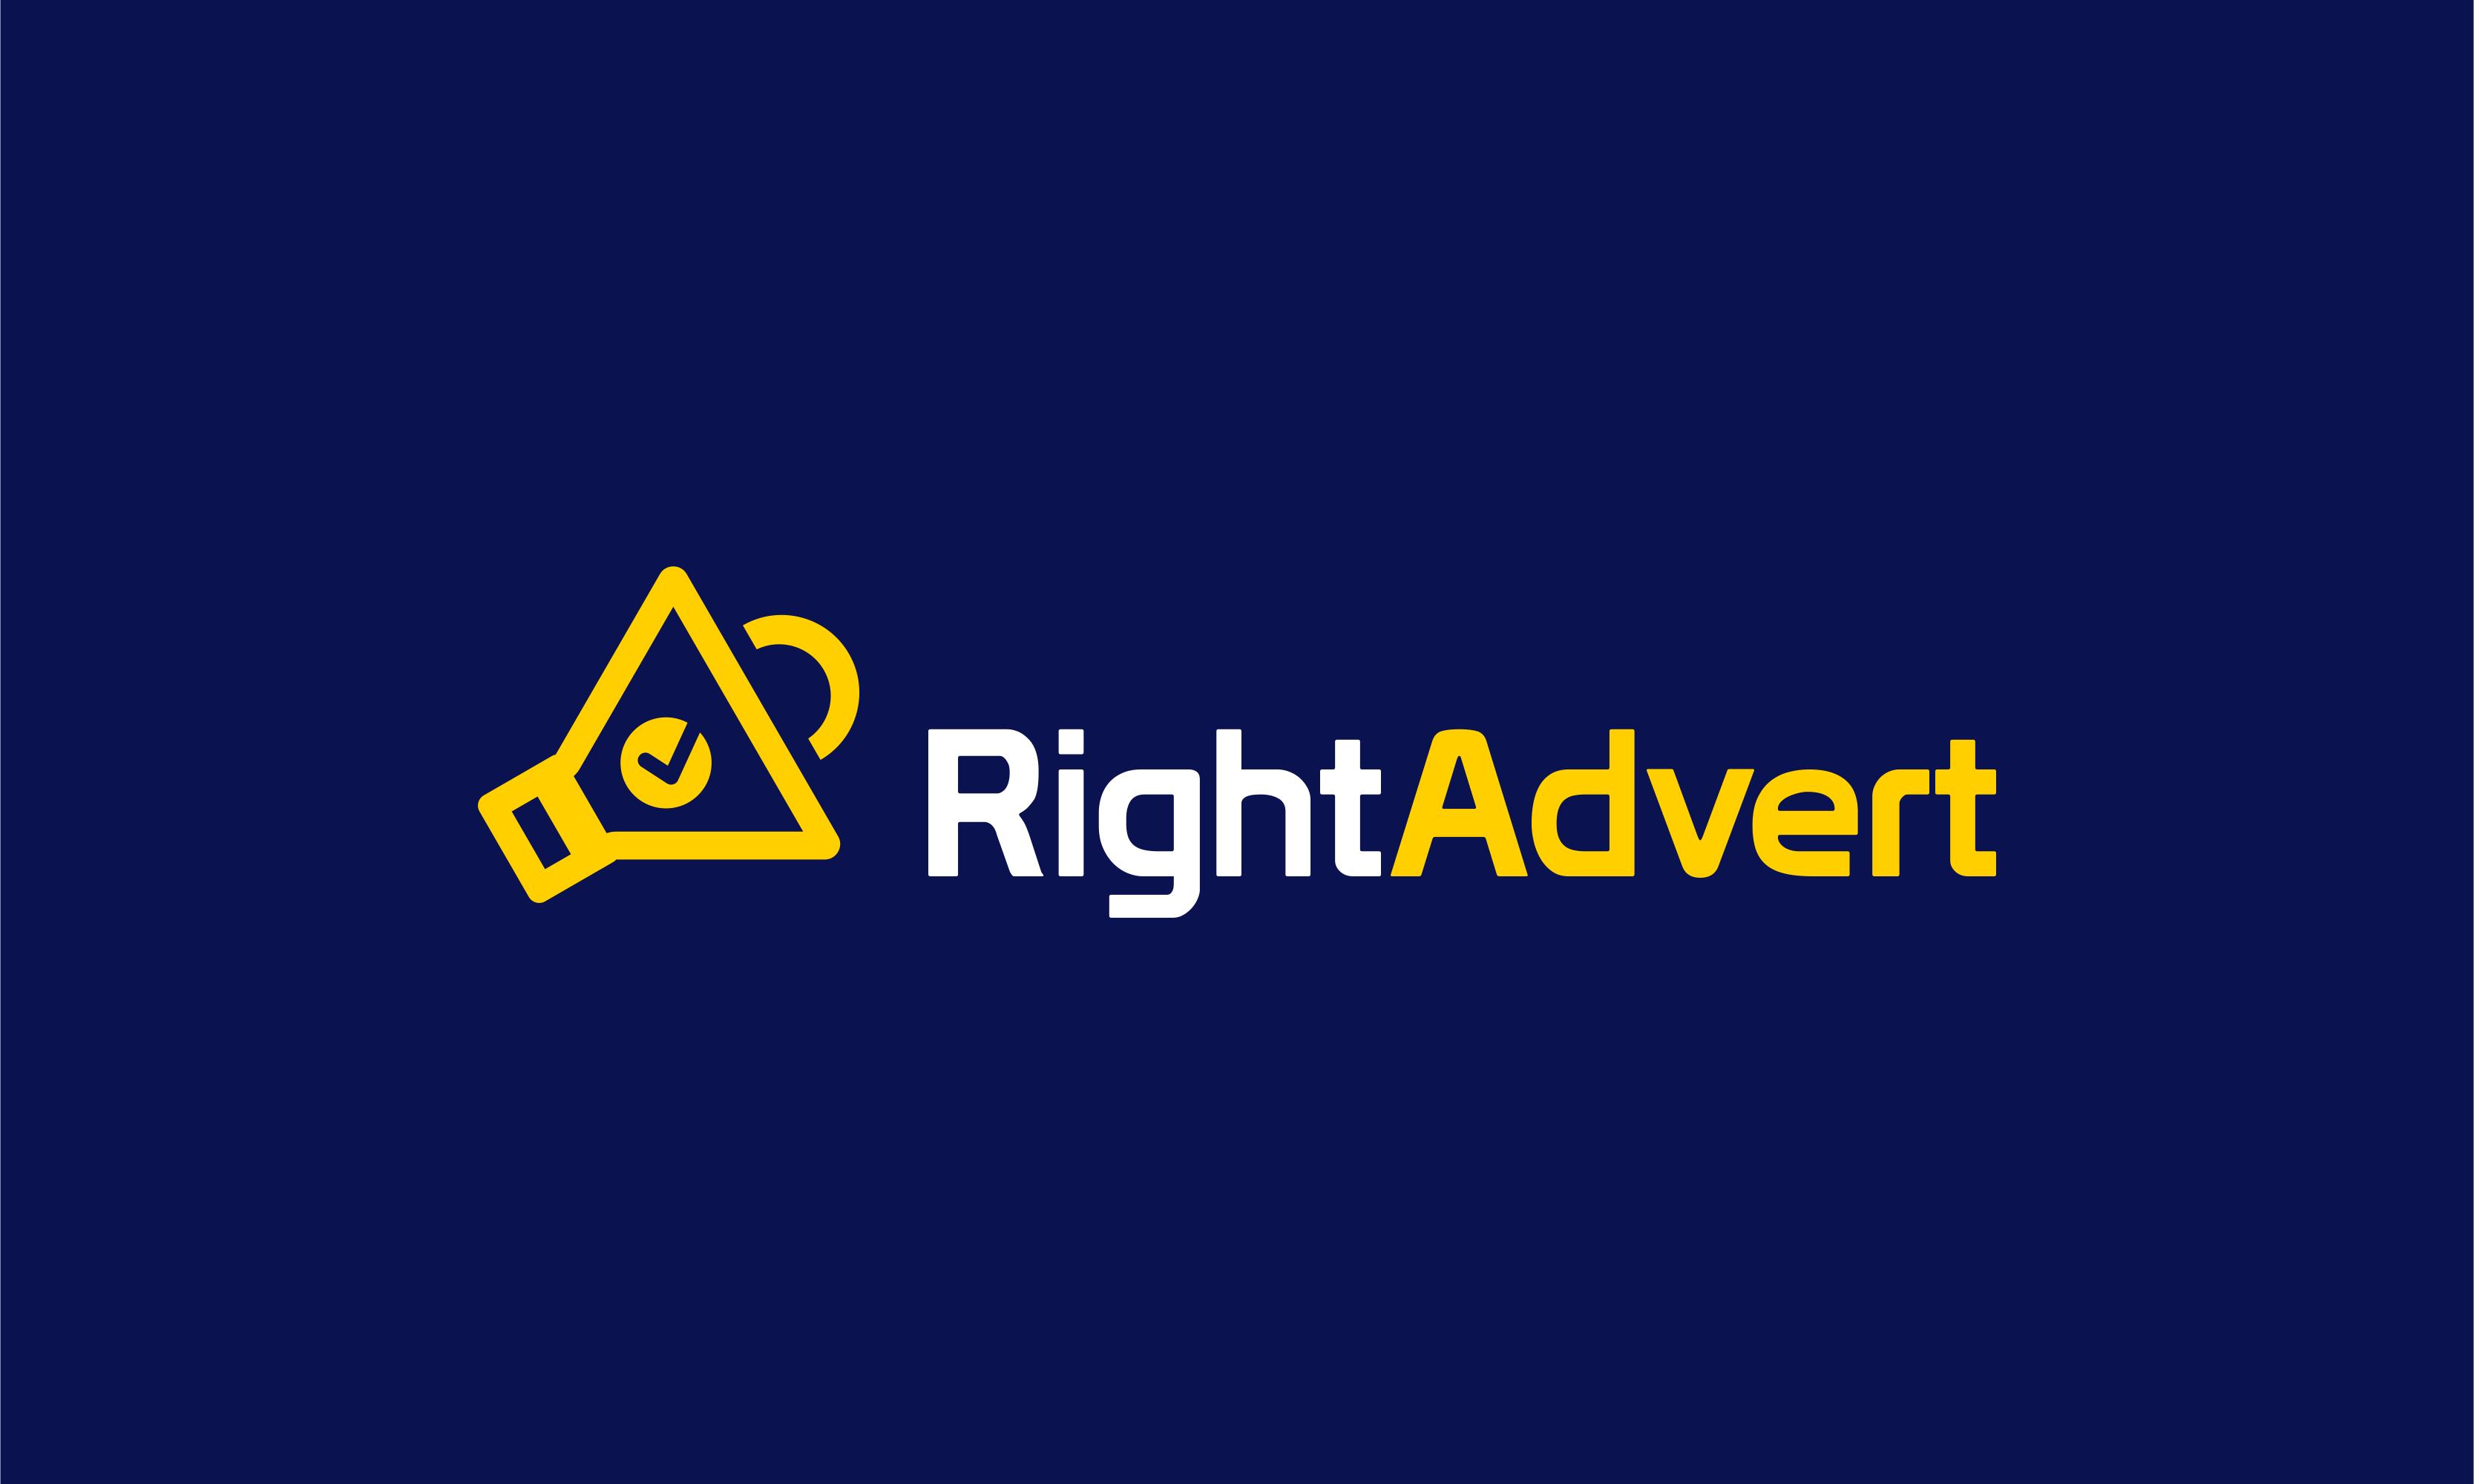 Rightadvert